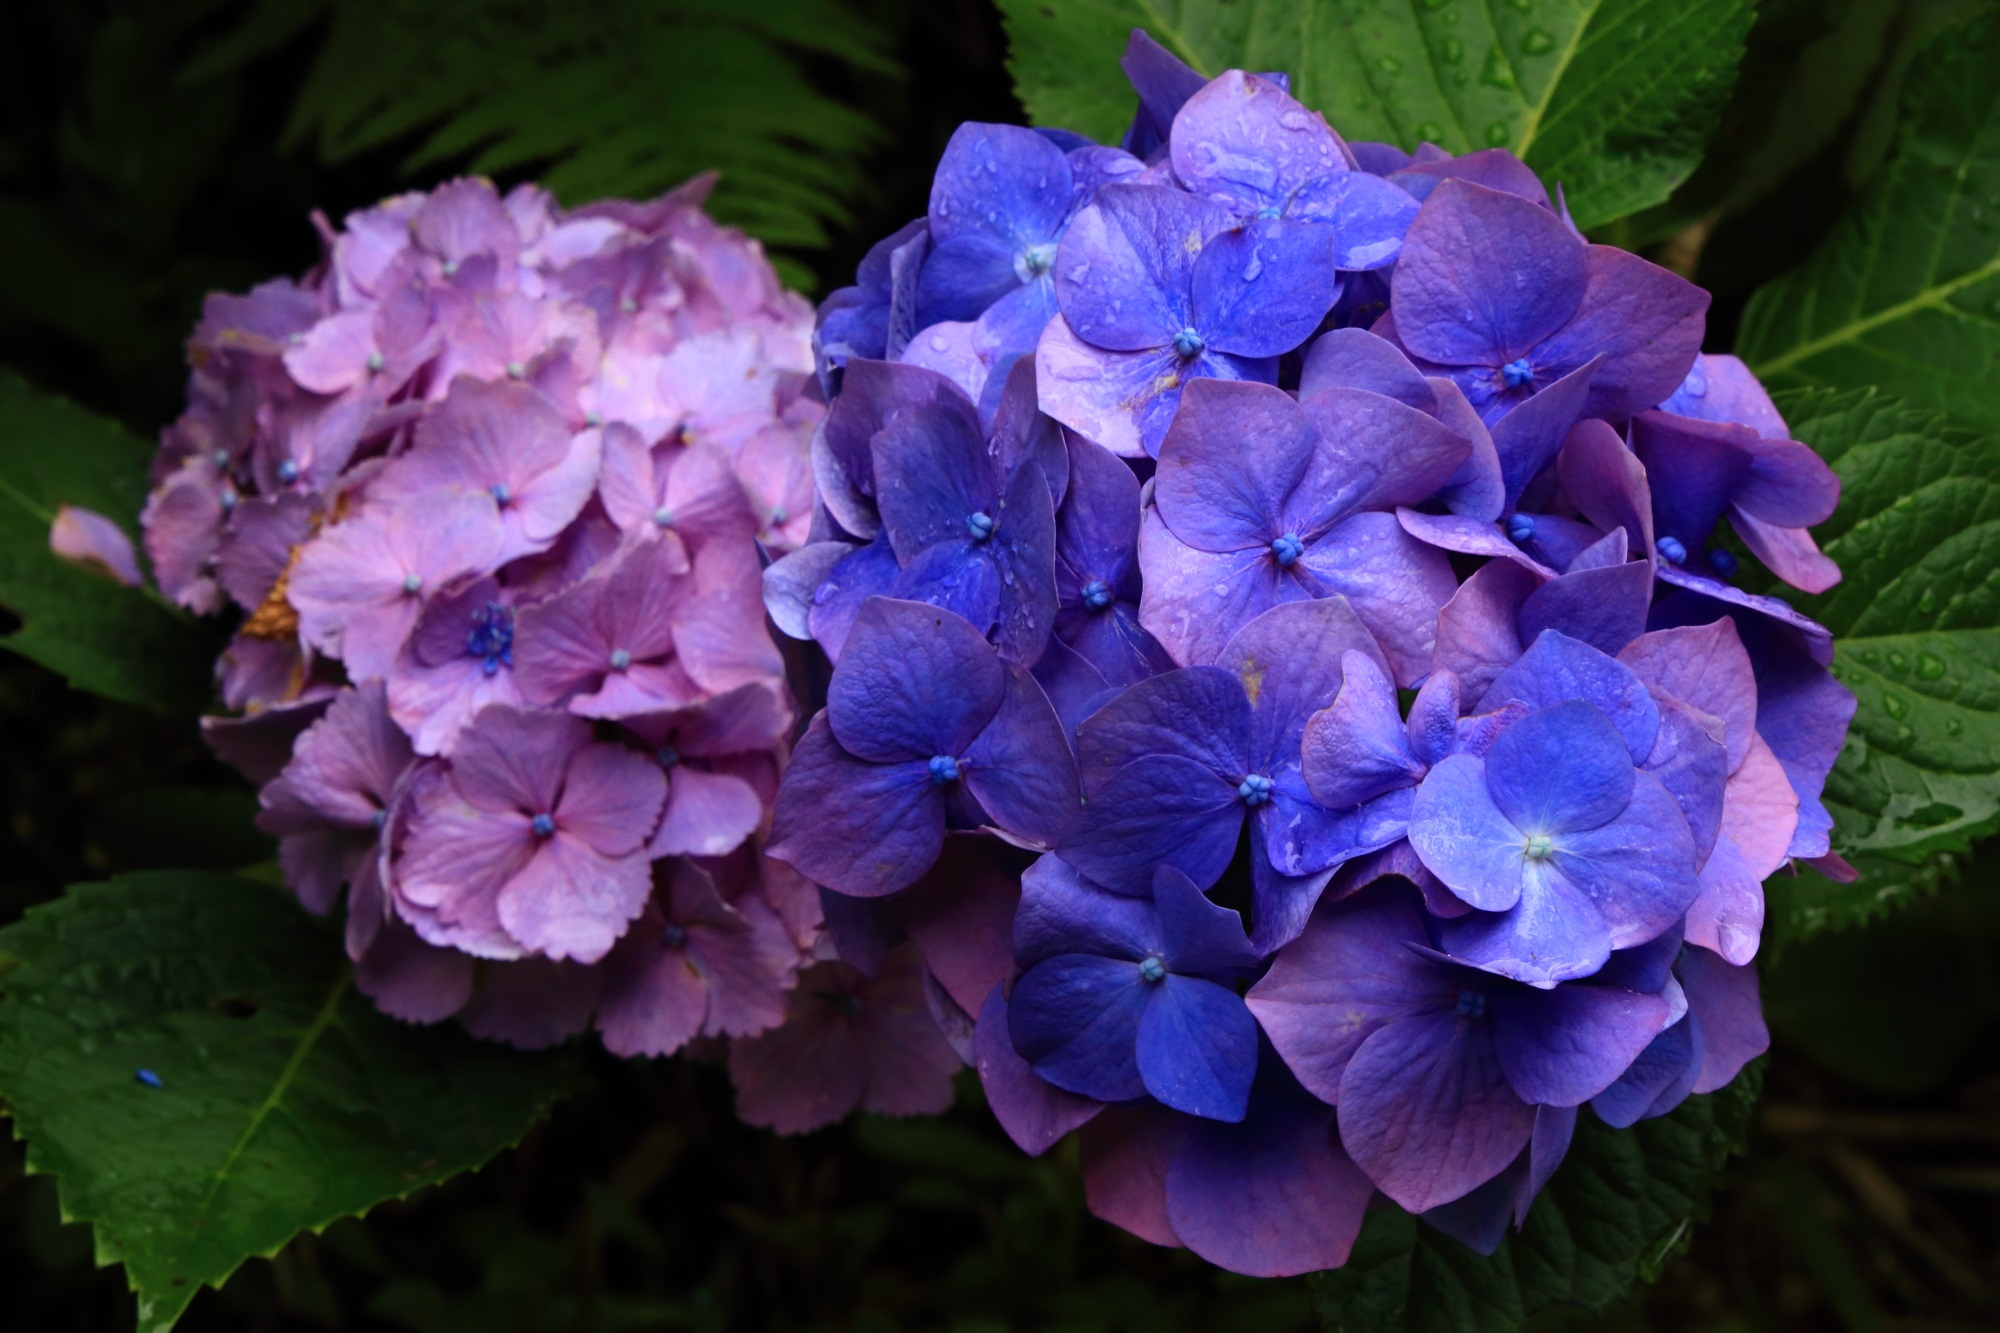 丹州観音寺の青が強めの艶やかな紫の紫陽花